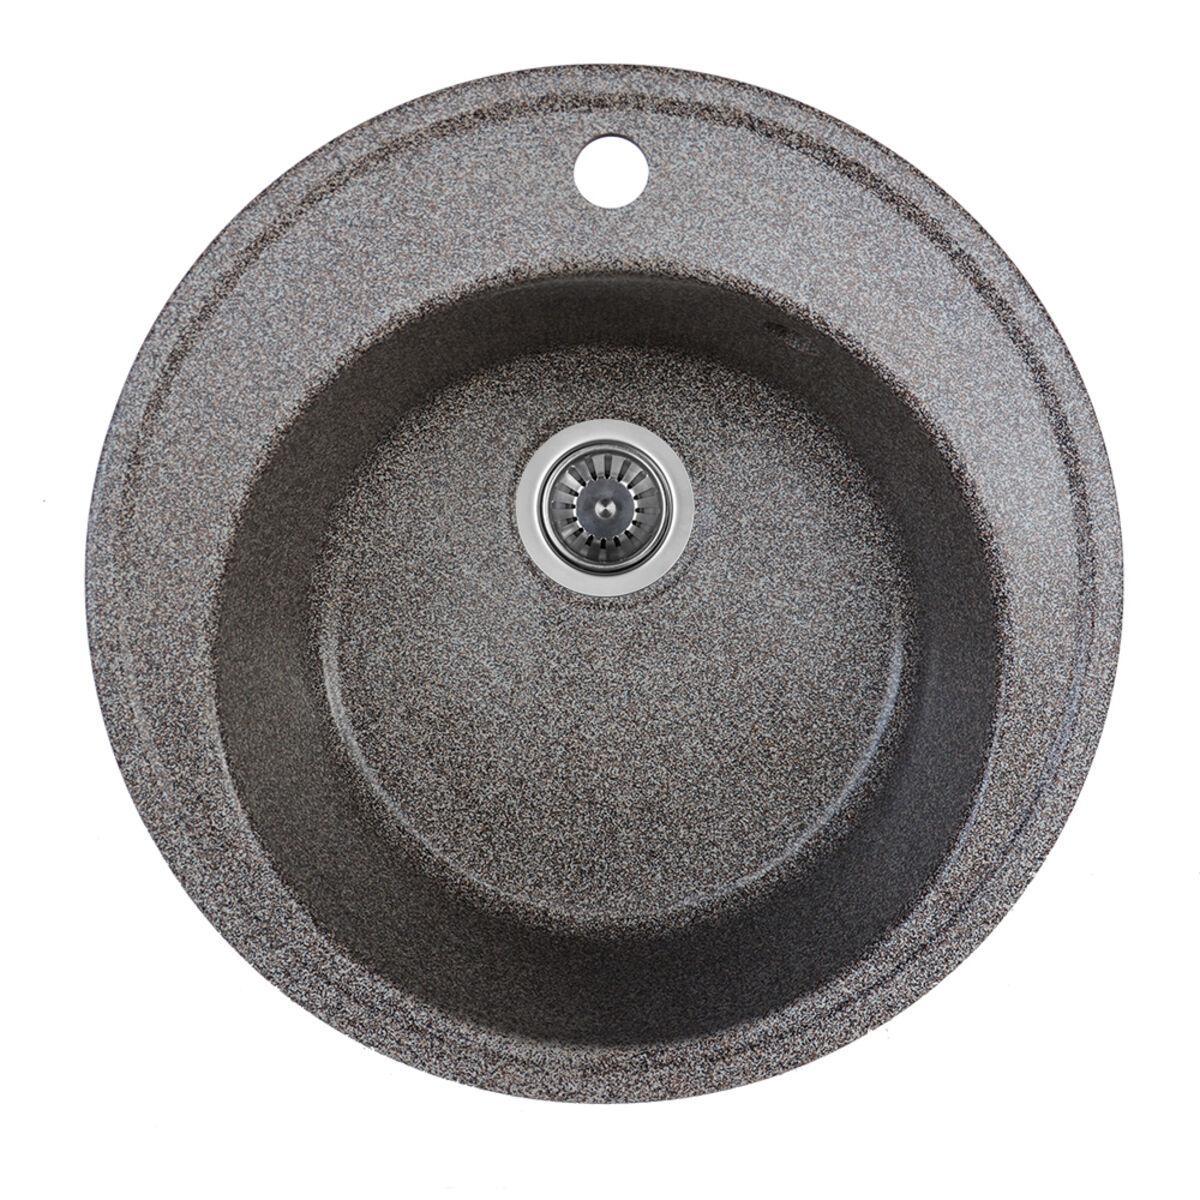 Гранітна мийка для кухні Platinum 510 YARA глянець Мікс